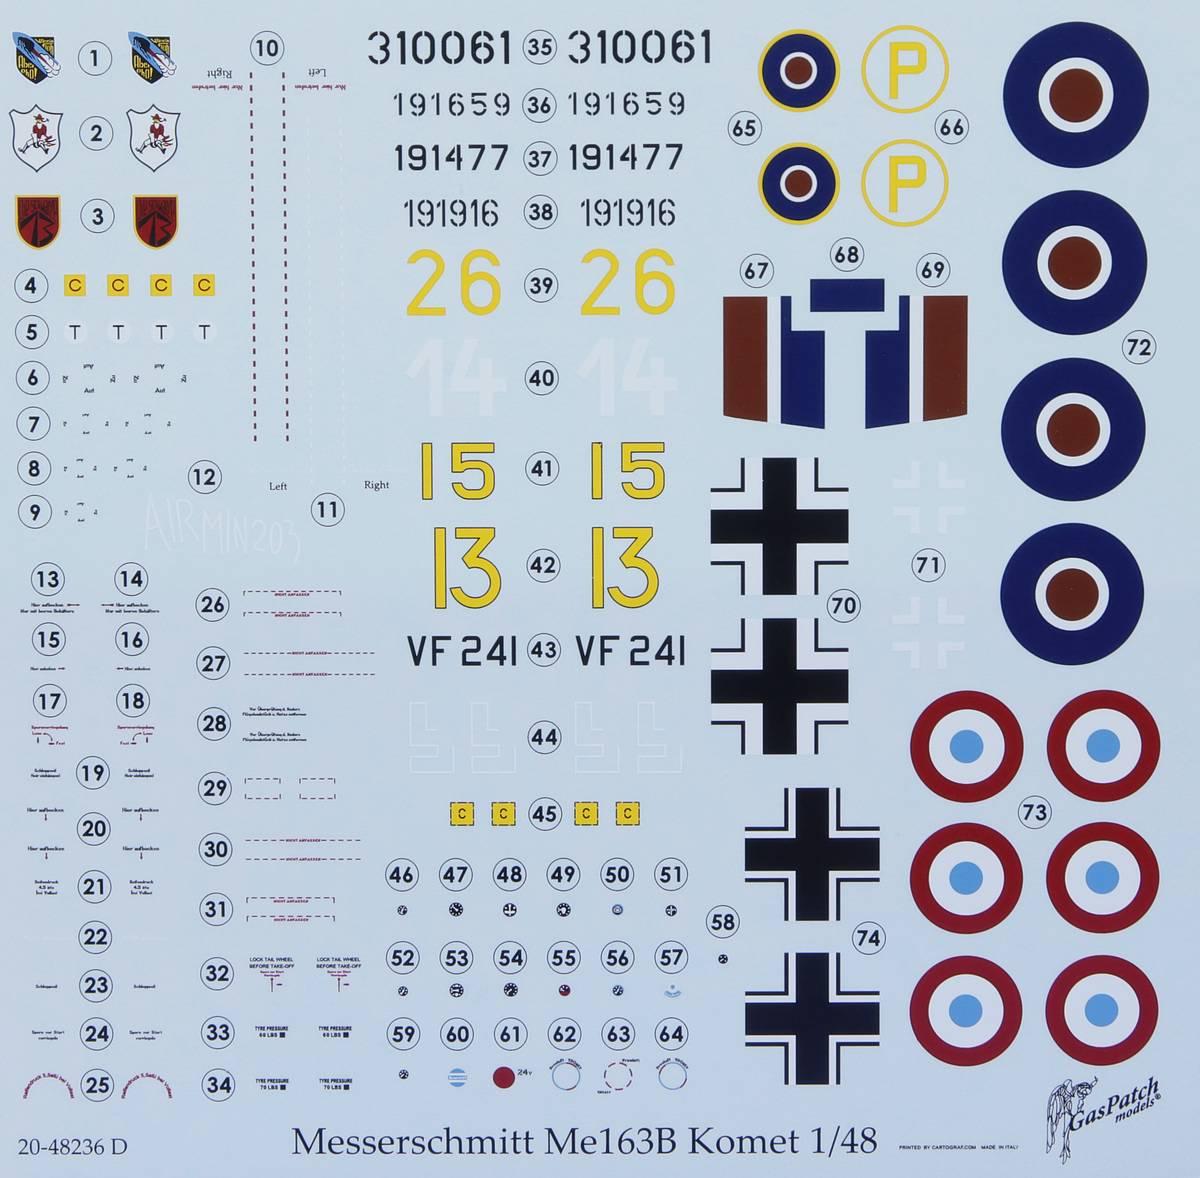 GasPatch-48236-Me163-Komet-50 Messerschmitt Me 163B Komet in 1:48 von GasPatch